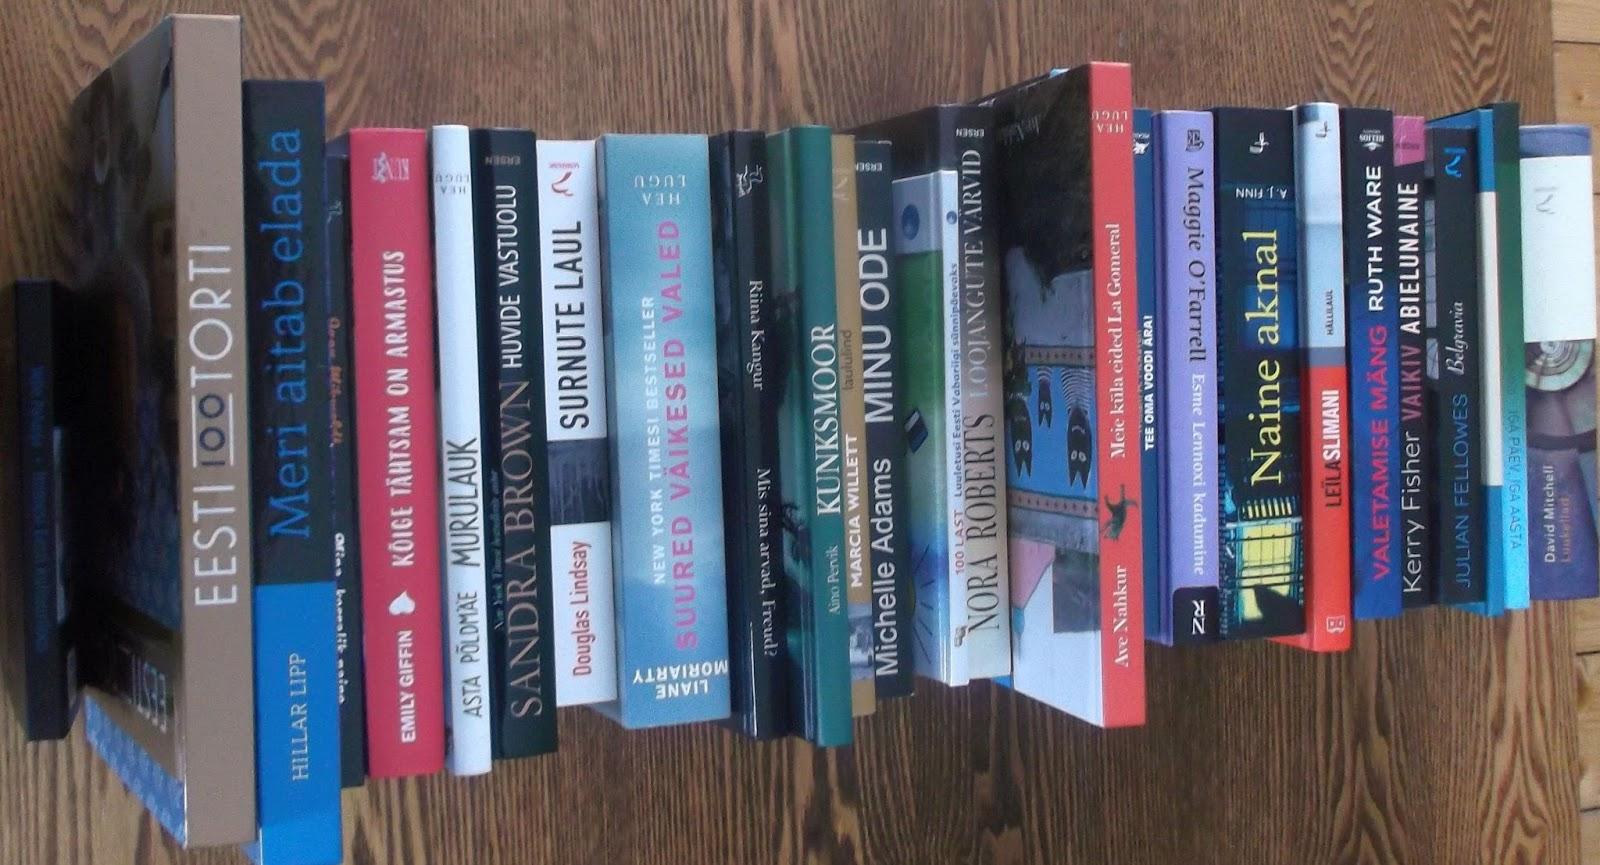 8316f1f7c22 Uued raamatud ootavad raamatukogus lugejaid. Tutvu raamatutega SIIN (vali  vasakult menüüst Uudiskirjandus)